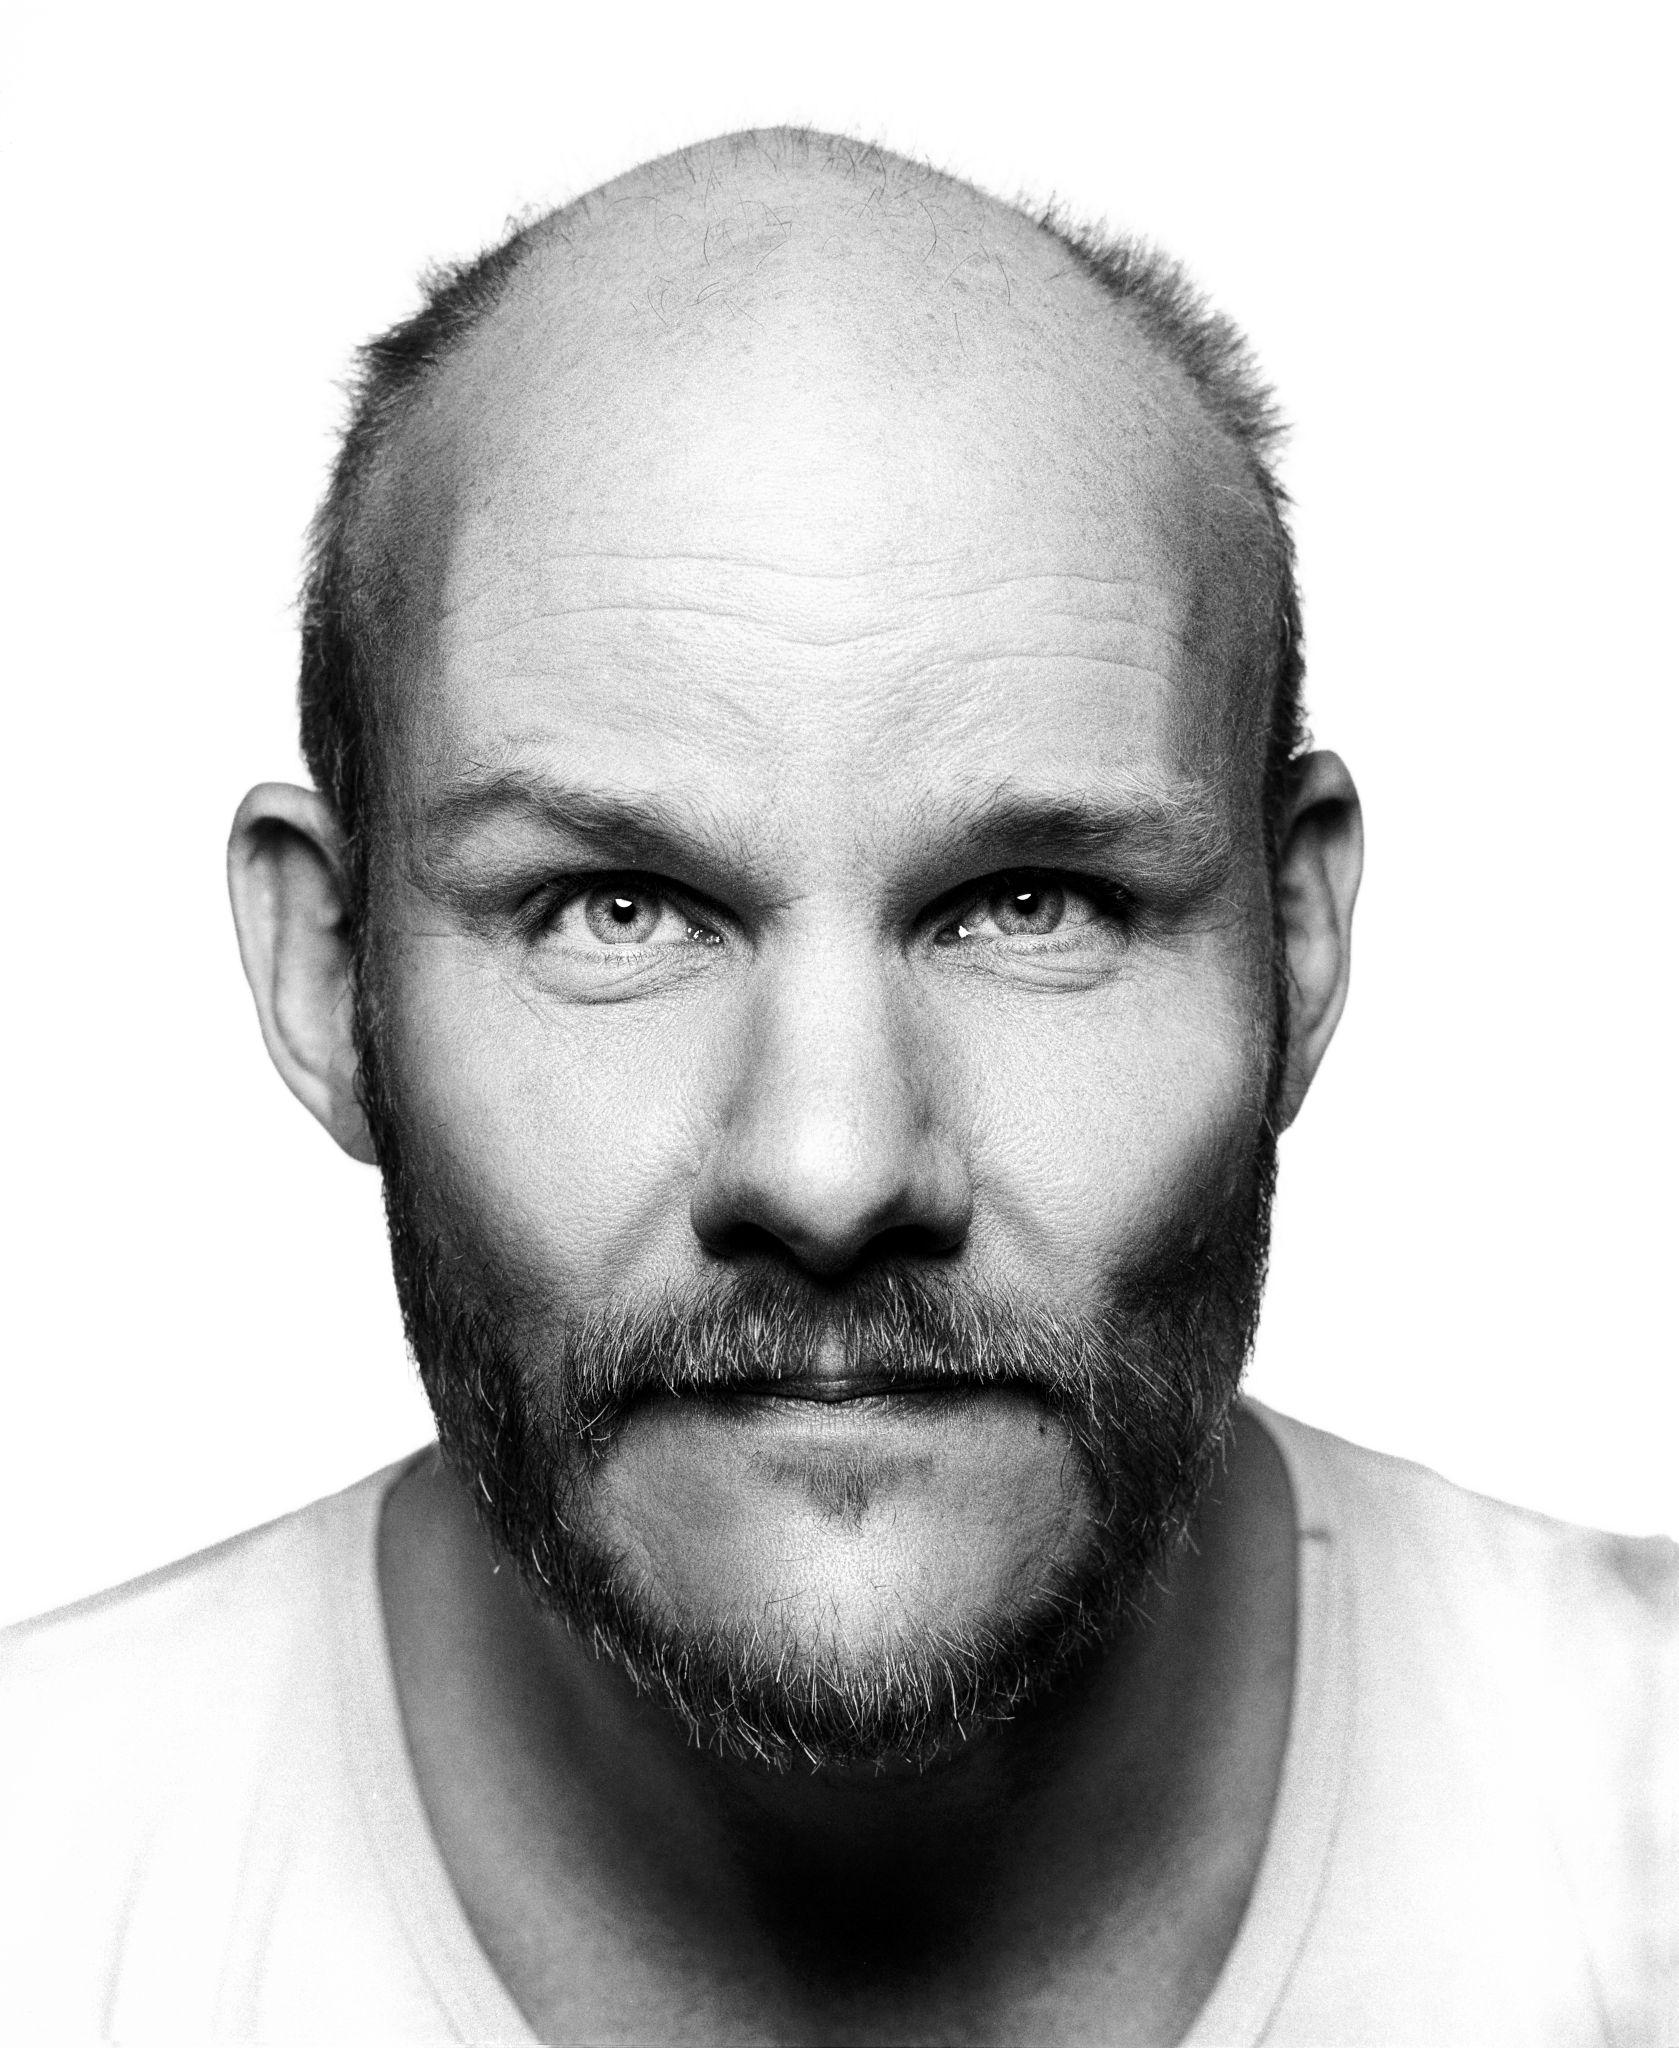 Christian, Musiker / musician. © Tilman Köneke